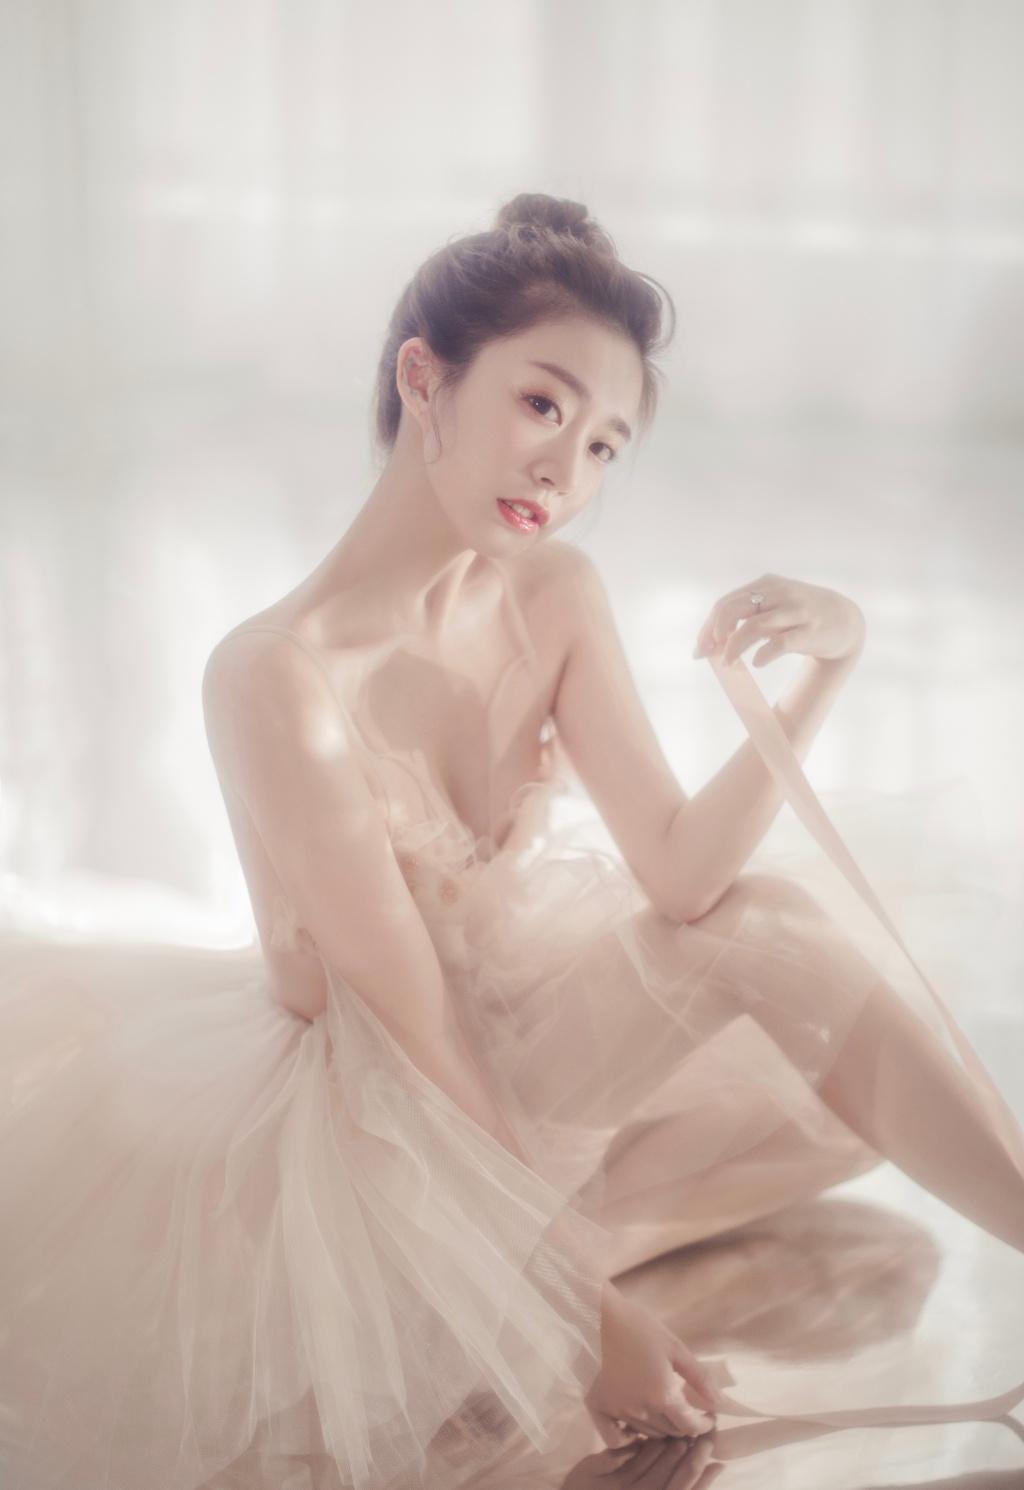 芭蕾小仙女,这就是你们越来越喜欢跳舞的女孩子的原因吗? 涨姿势 第9张